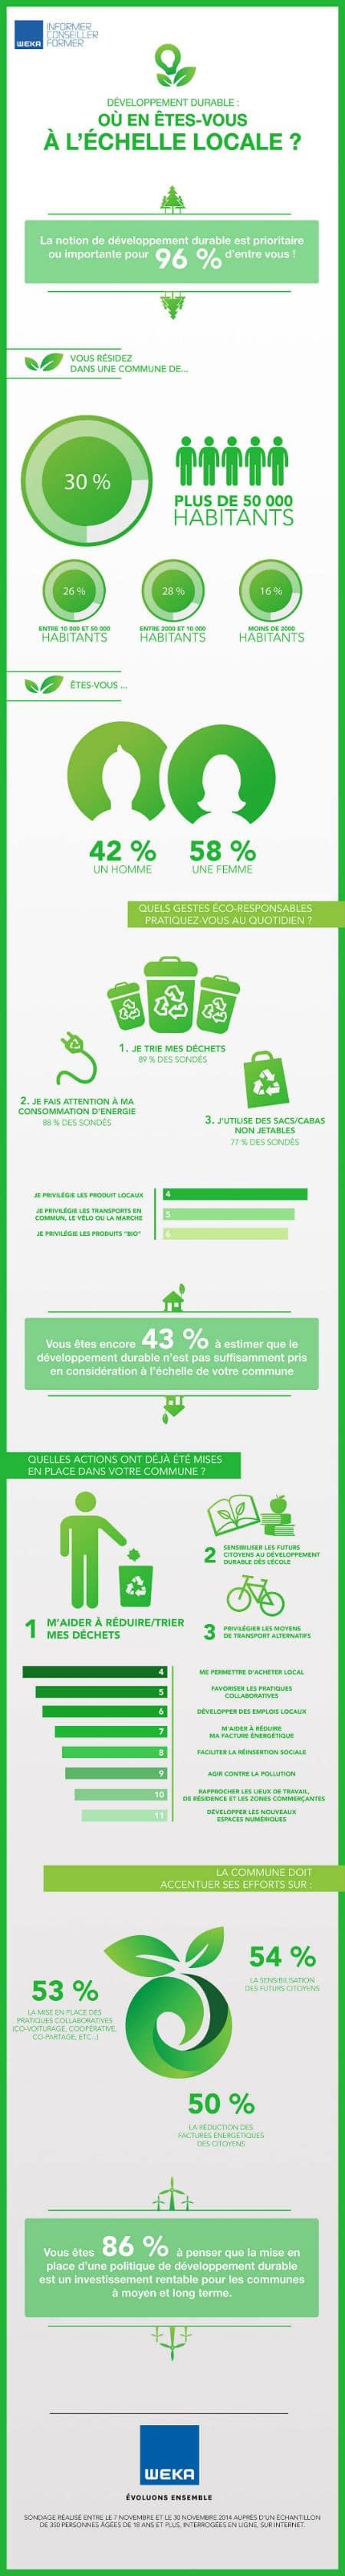 infographie-resultats-du-sondage-sur-le-developpement-durable-a-l-echelle-locale